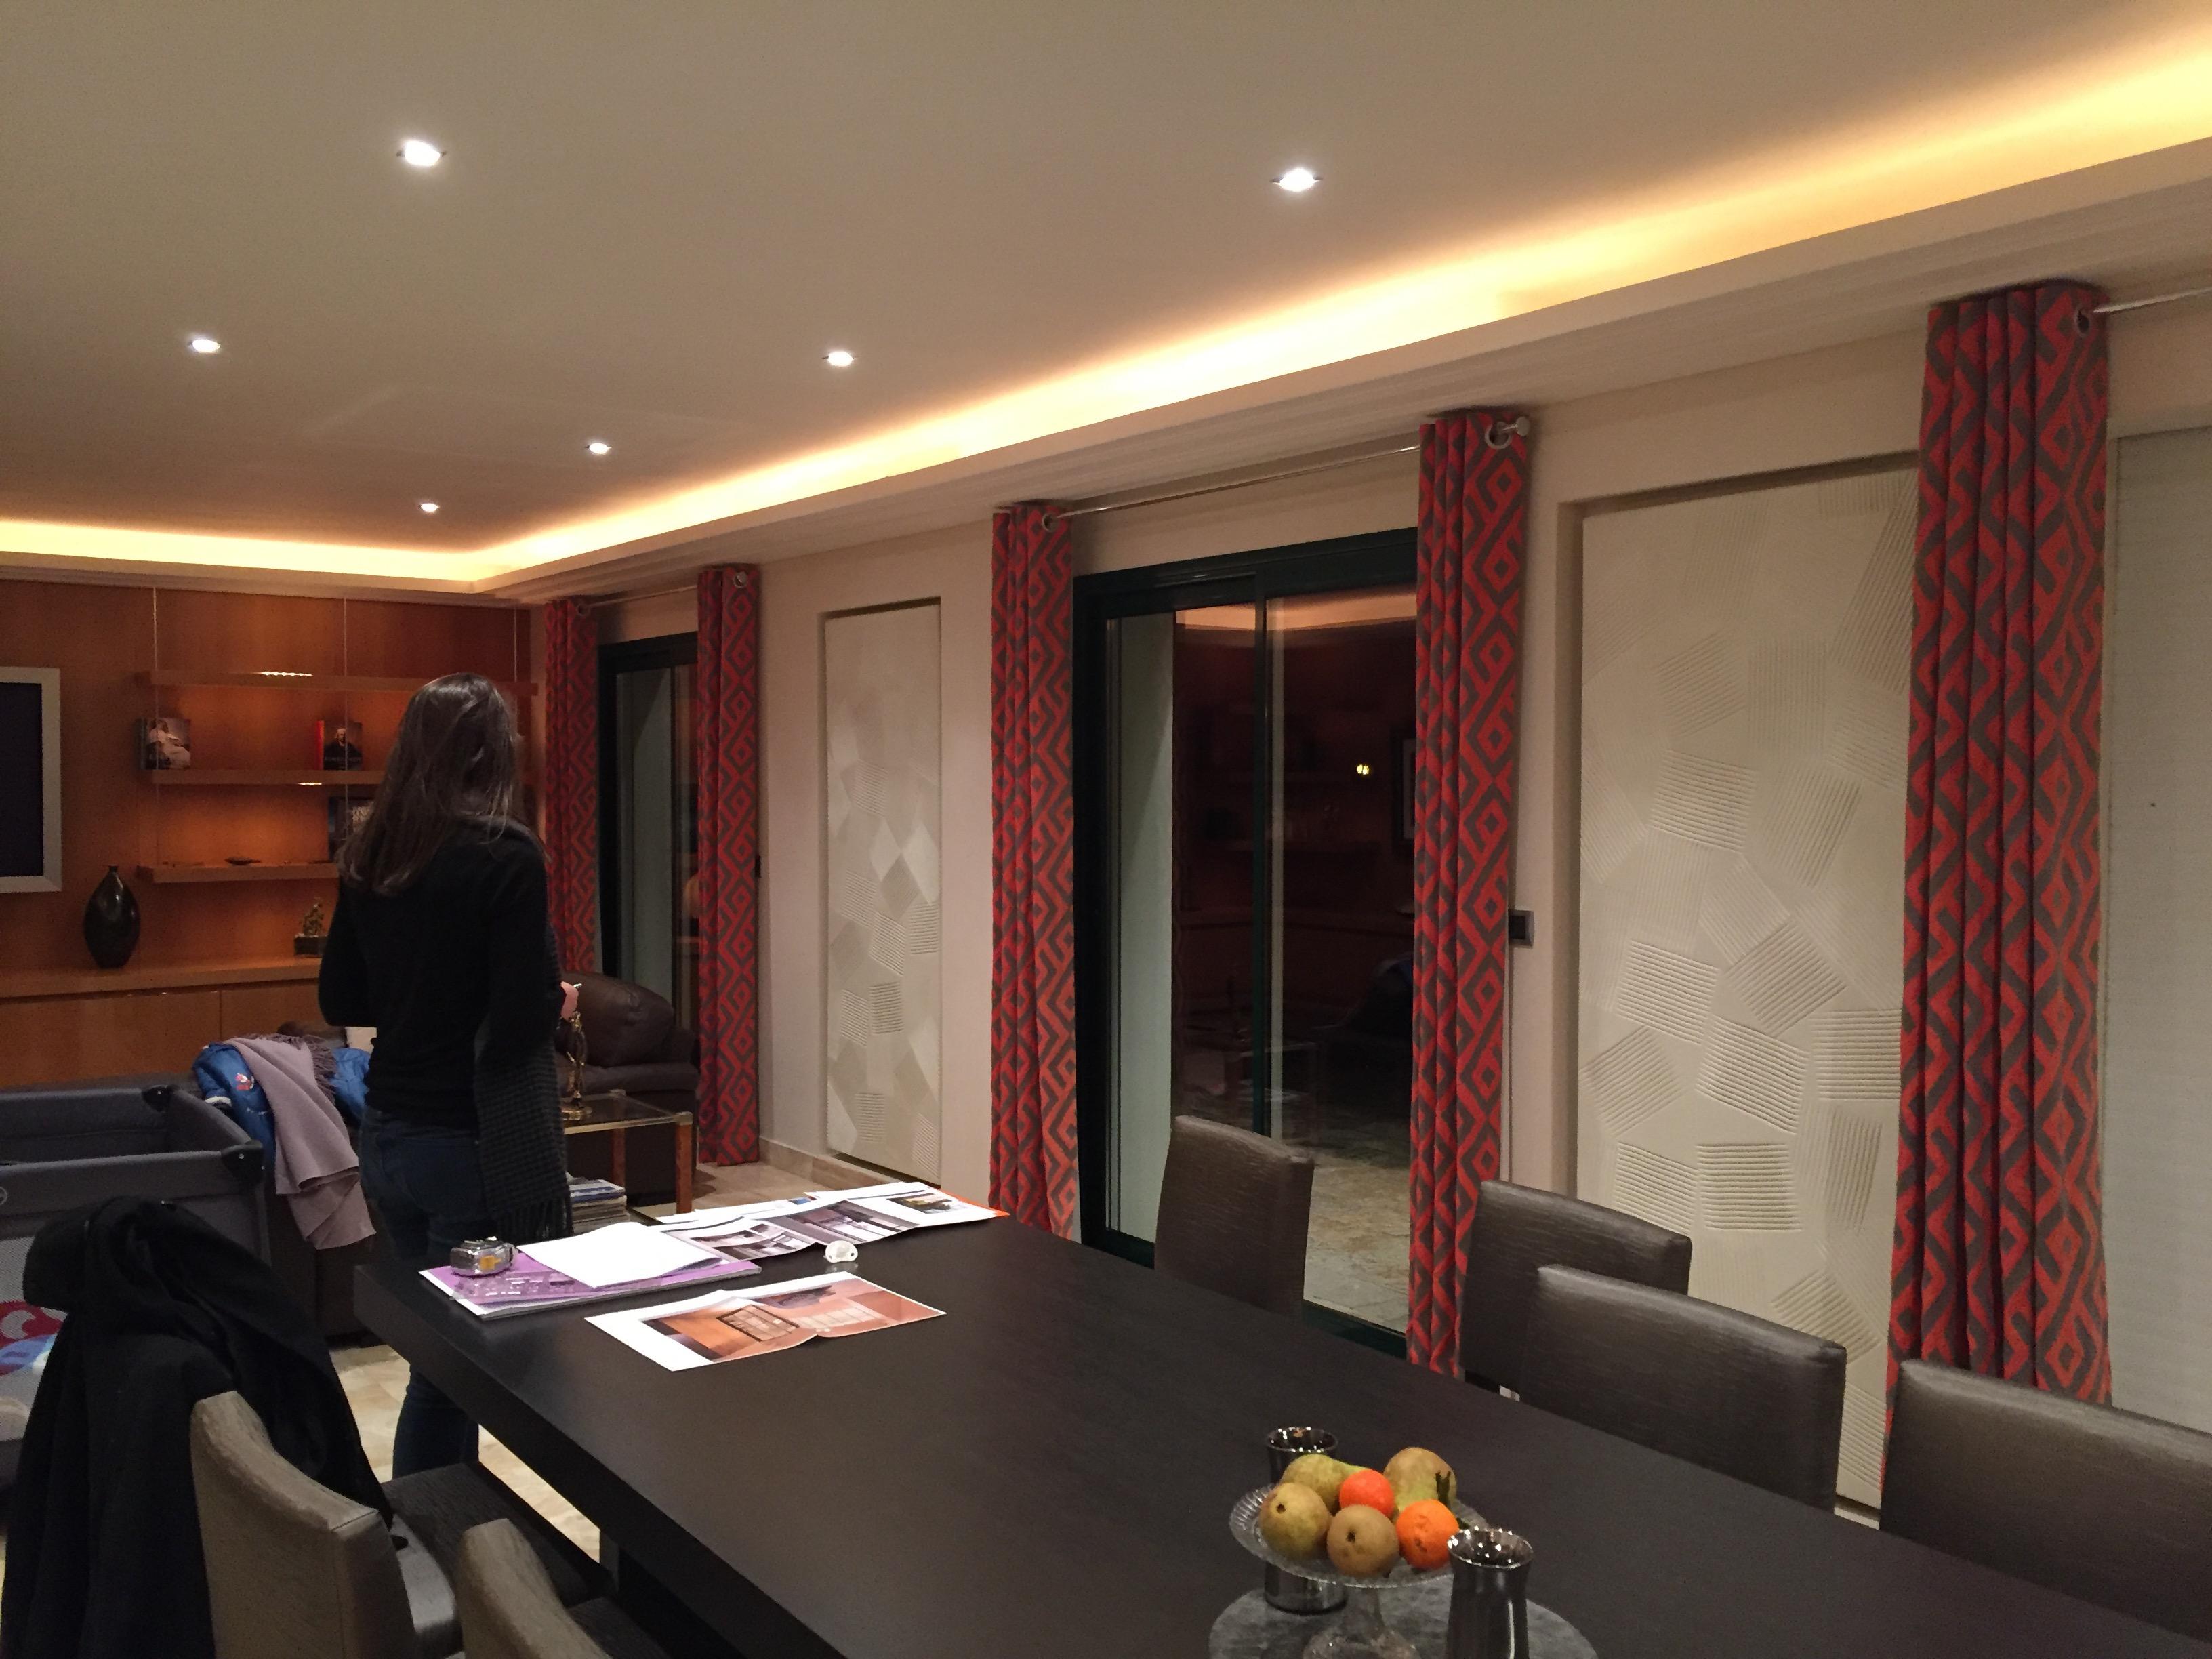 Salle De Bain Flamant ~ style flamand r novation et d coration de s jour et salle manger